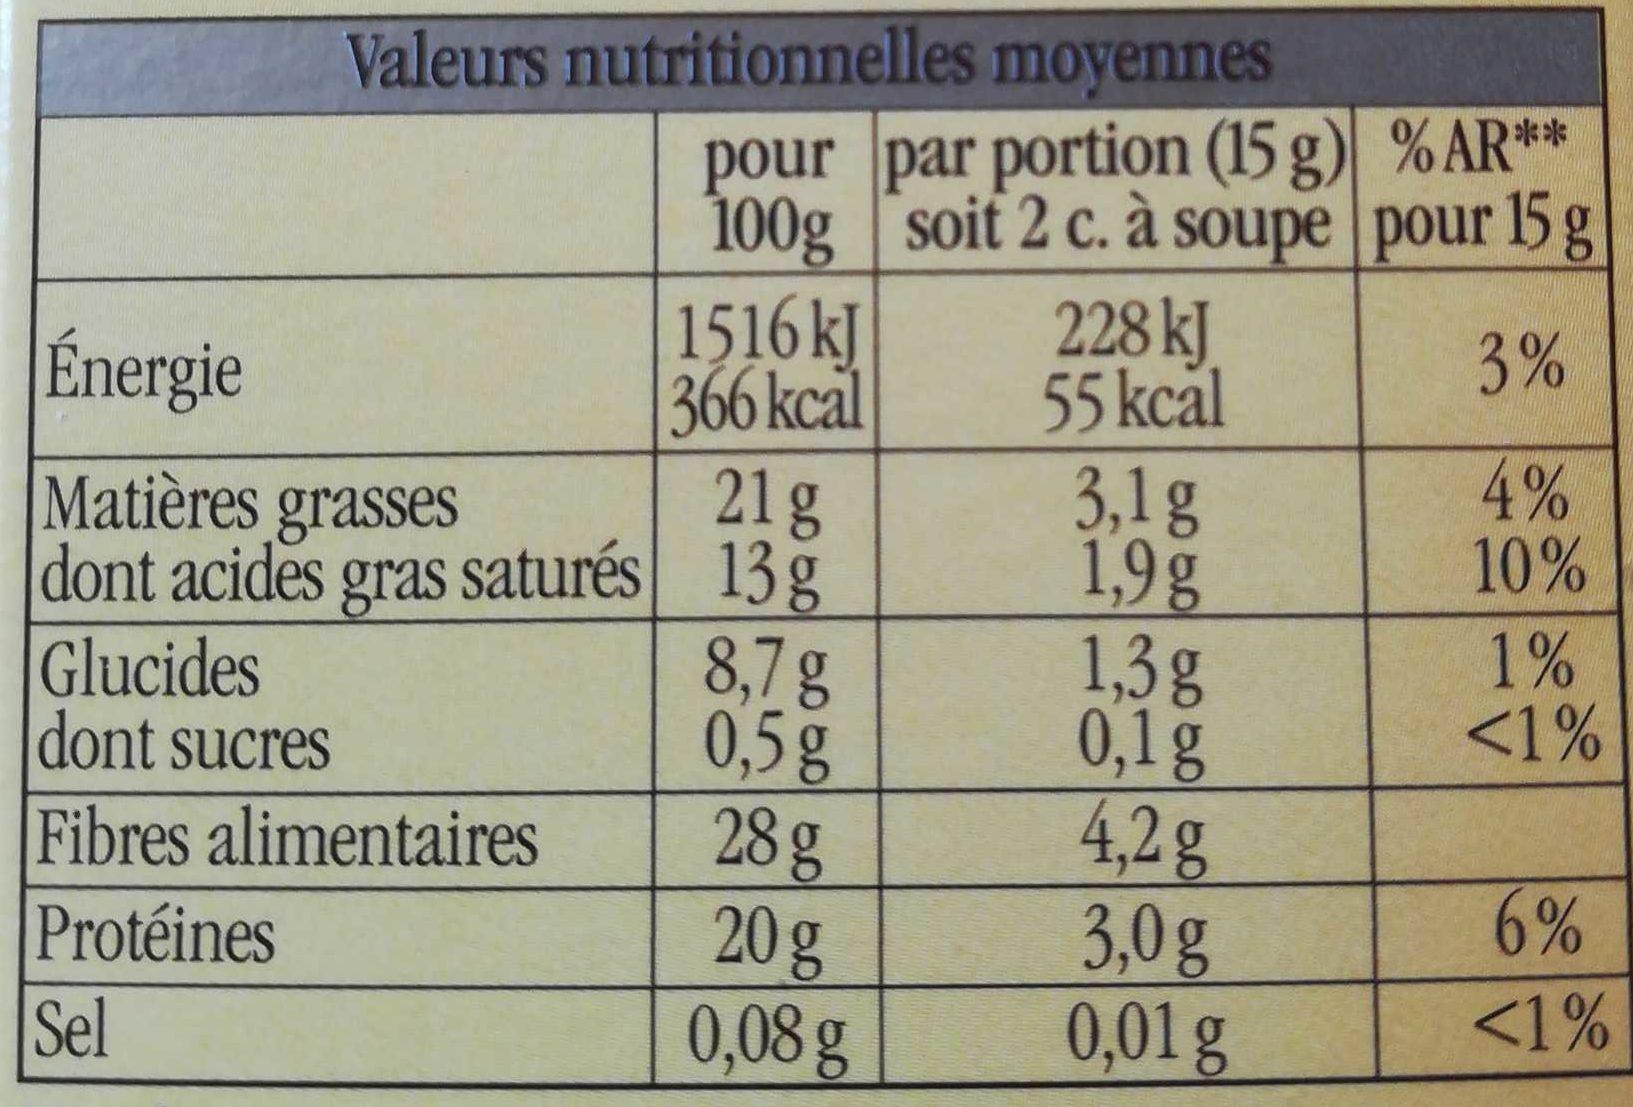 Cacao en poudre non sucré - Voedingswaarden - fr